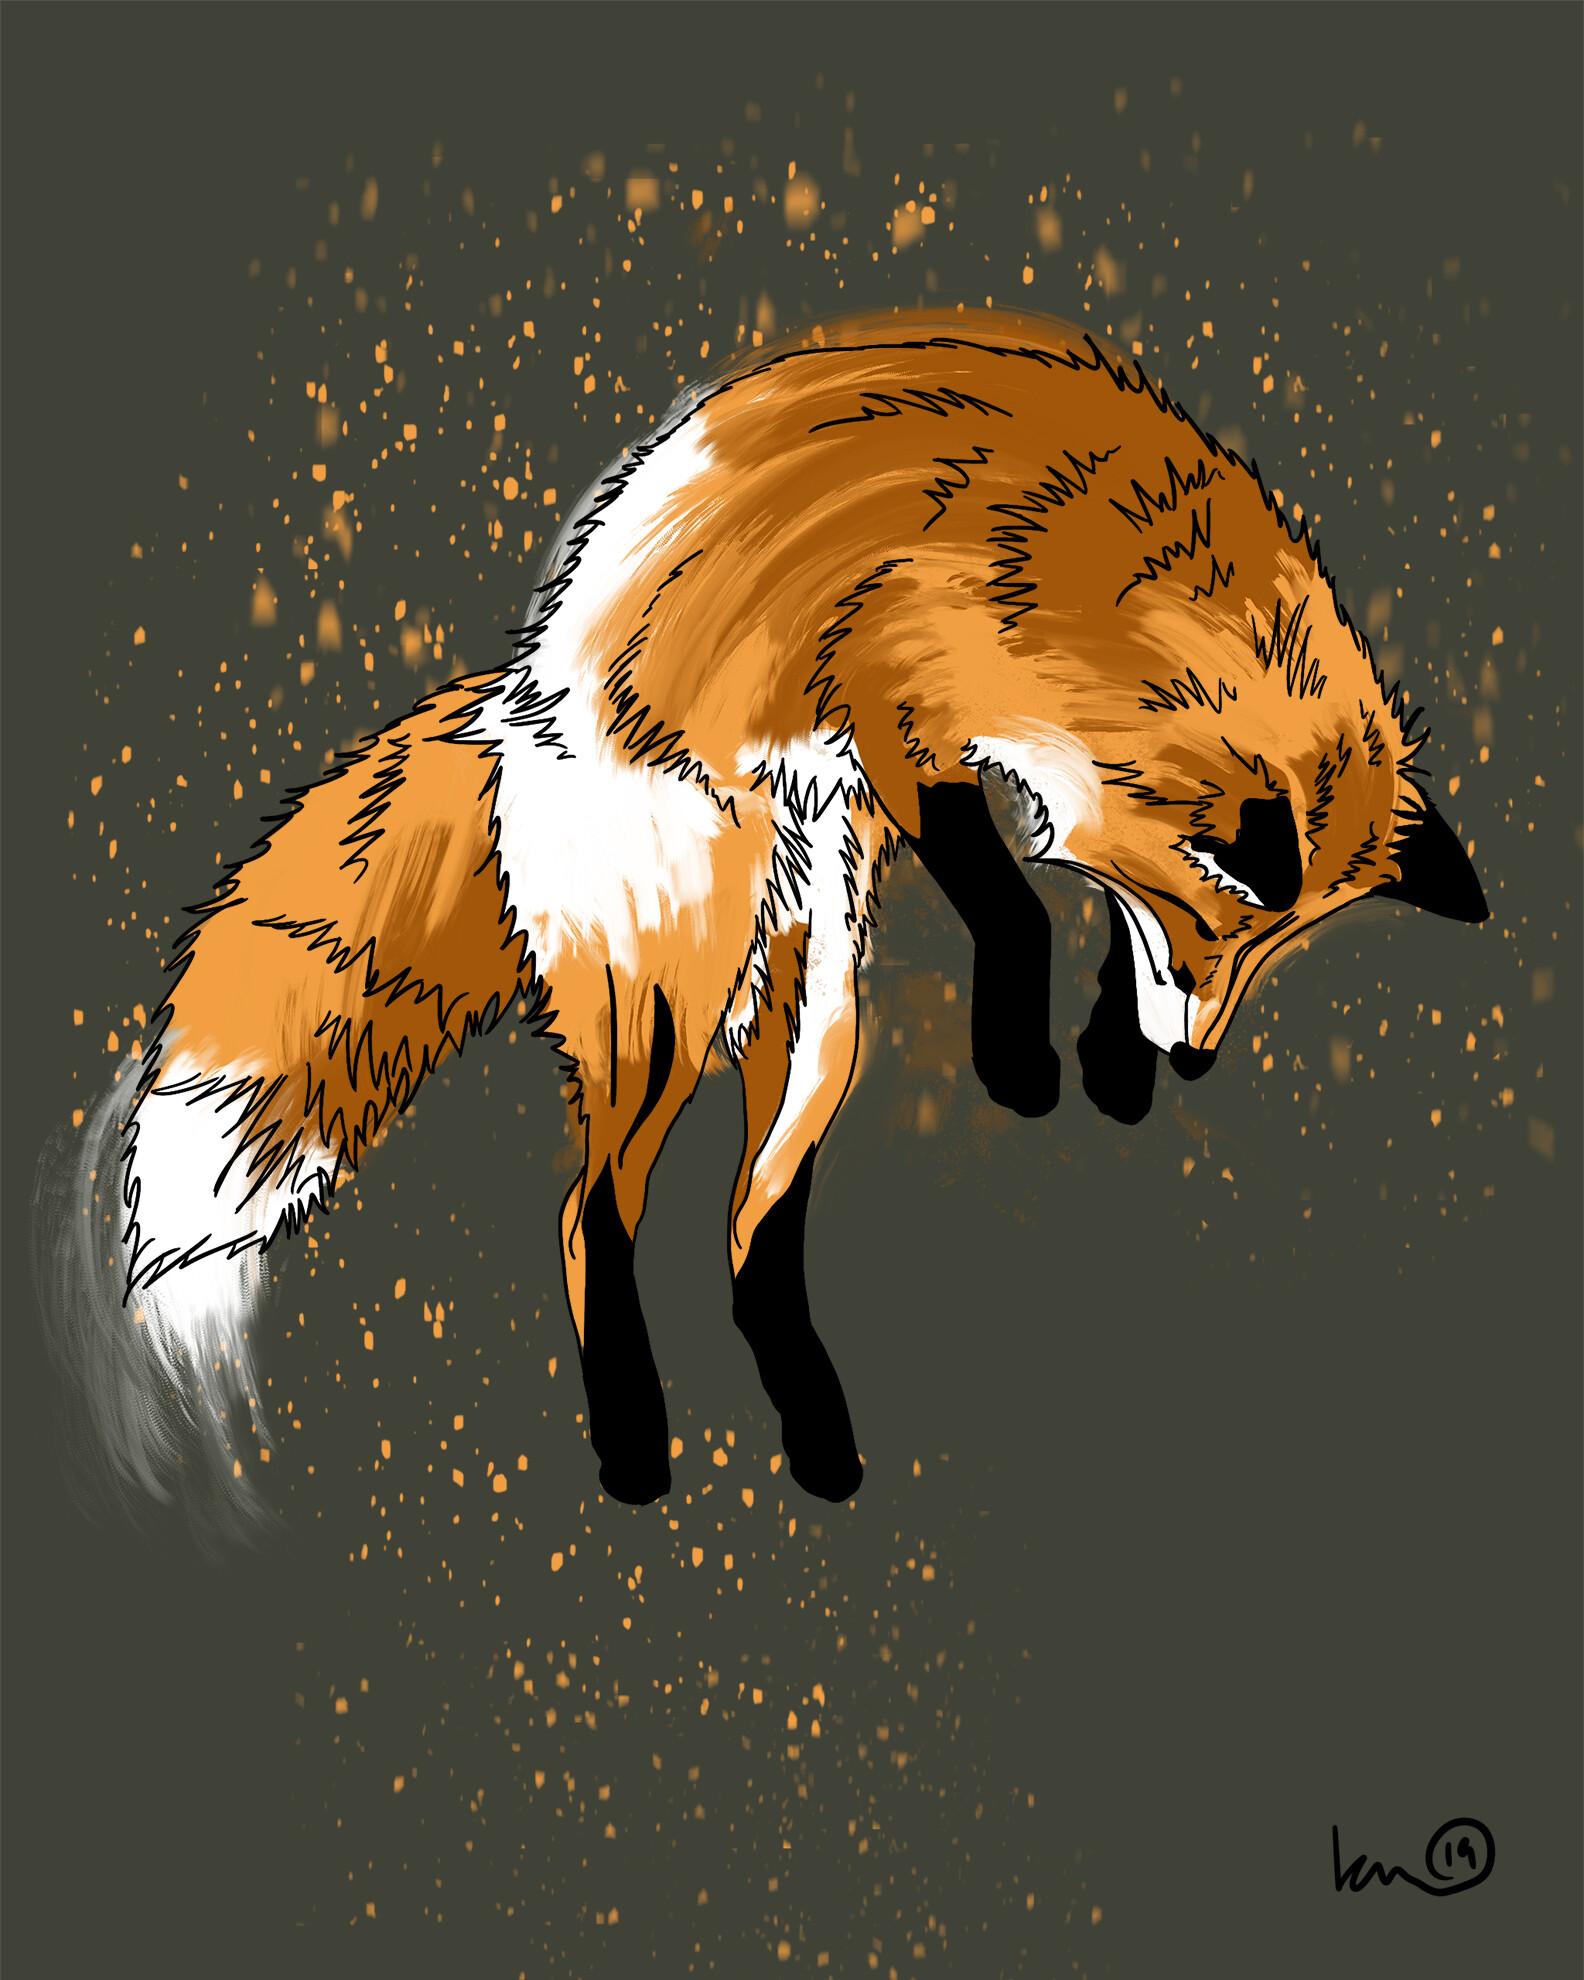 Kate miterko fox